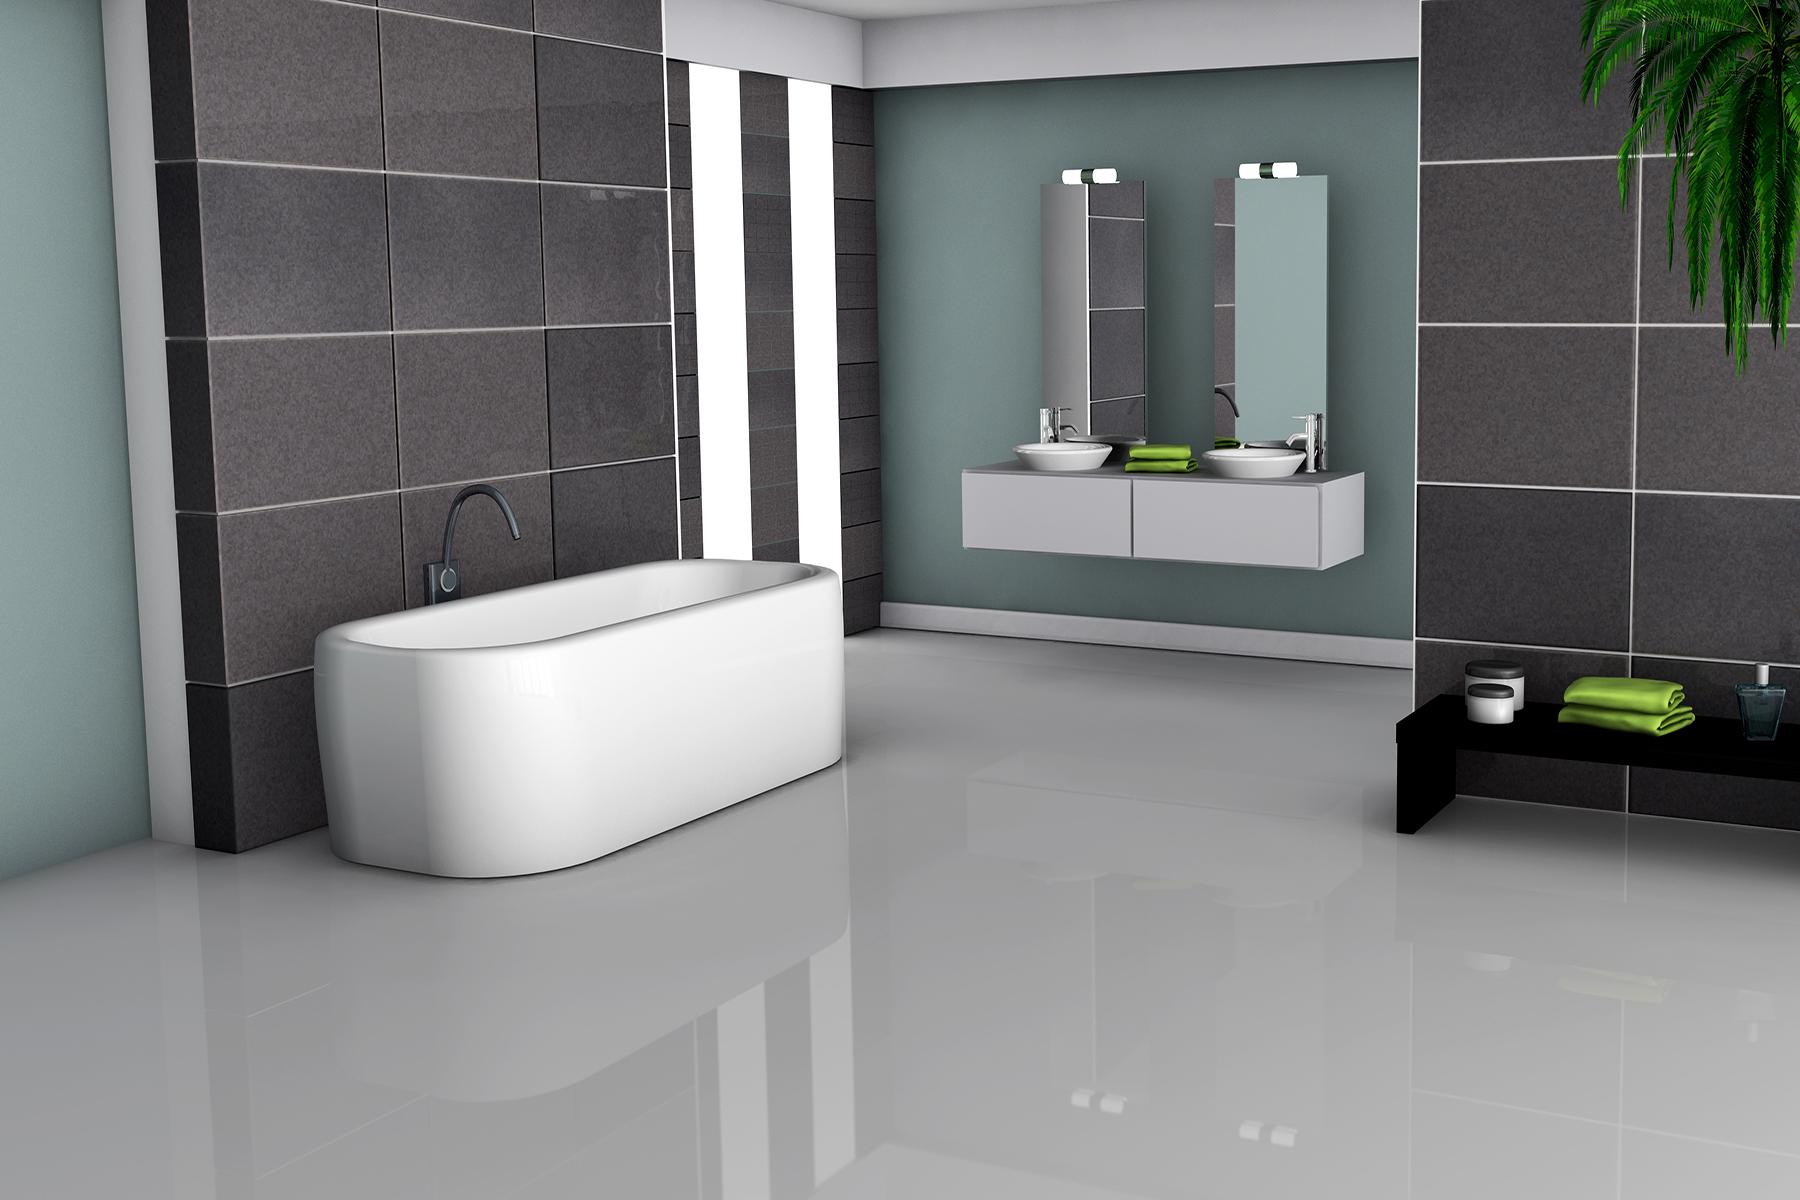 SLIDER-Modern-Residential-Hoome-Flooring-CT-LAst-Vegas1